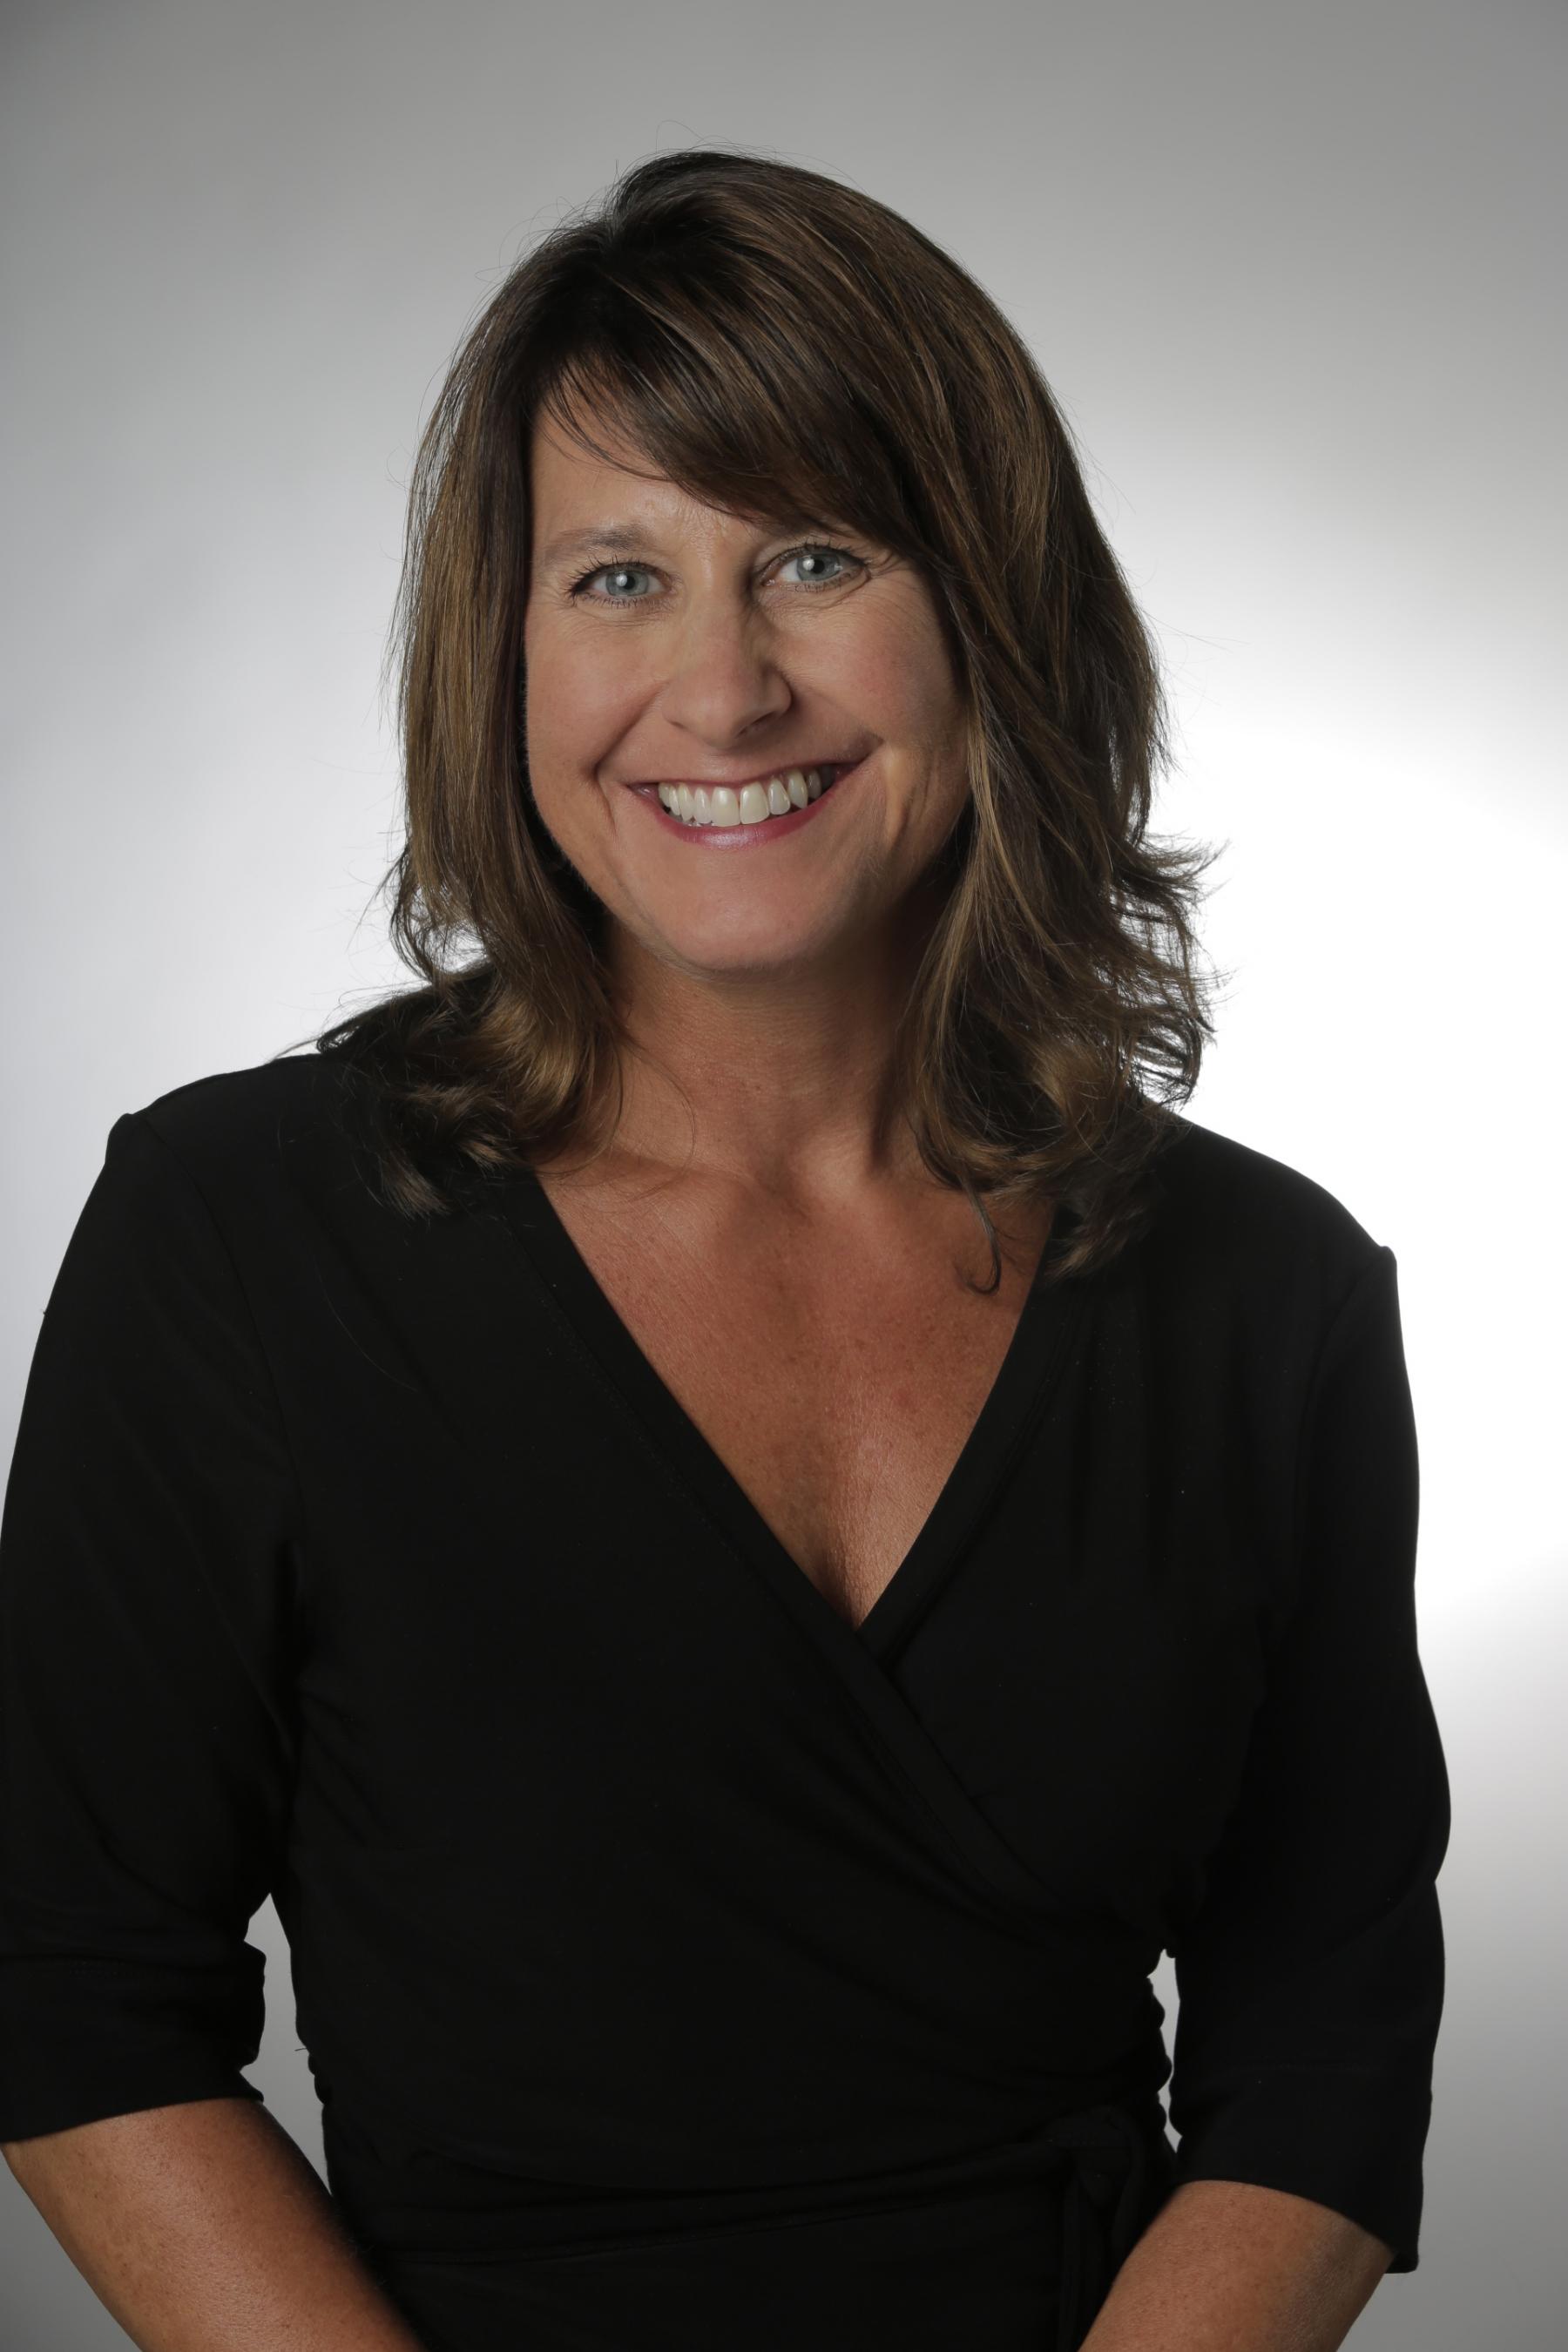 Tammy Stoerkel